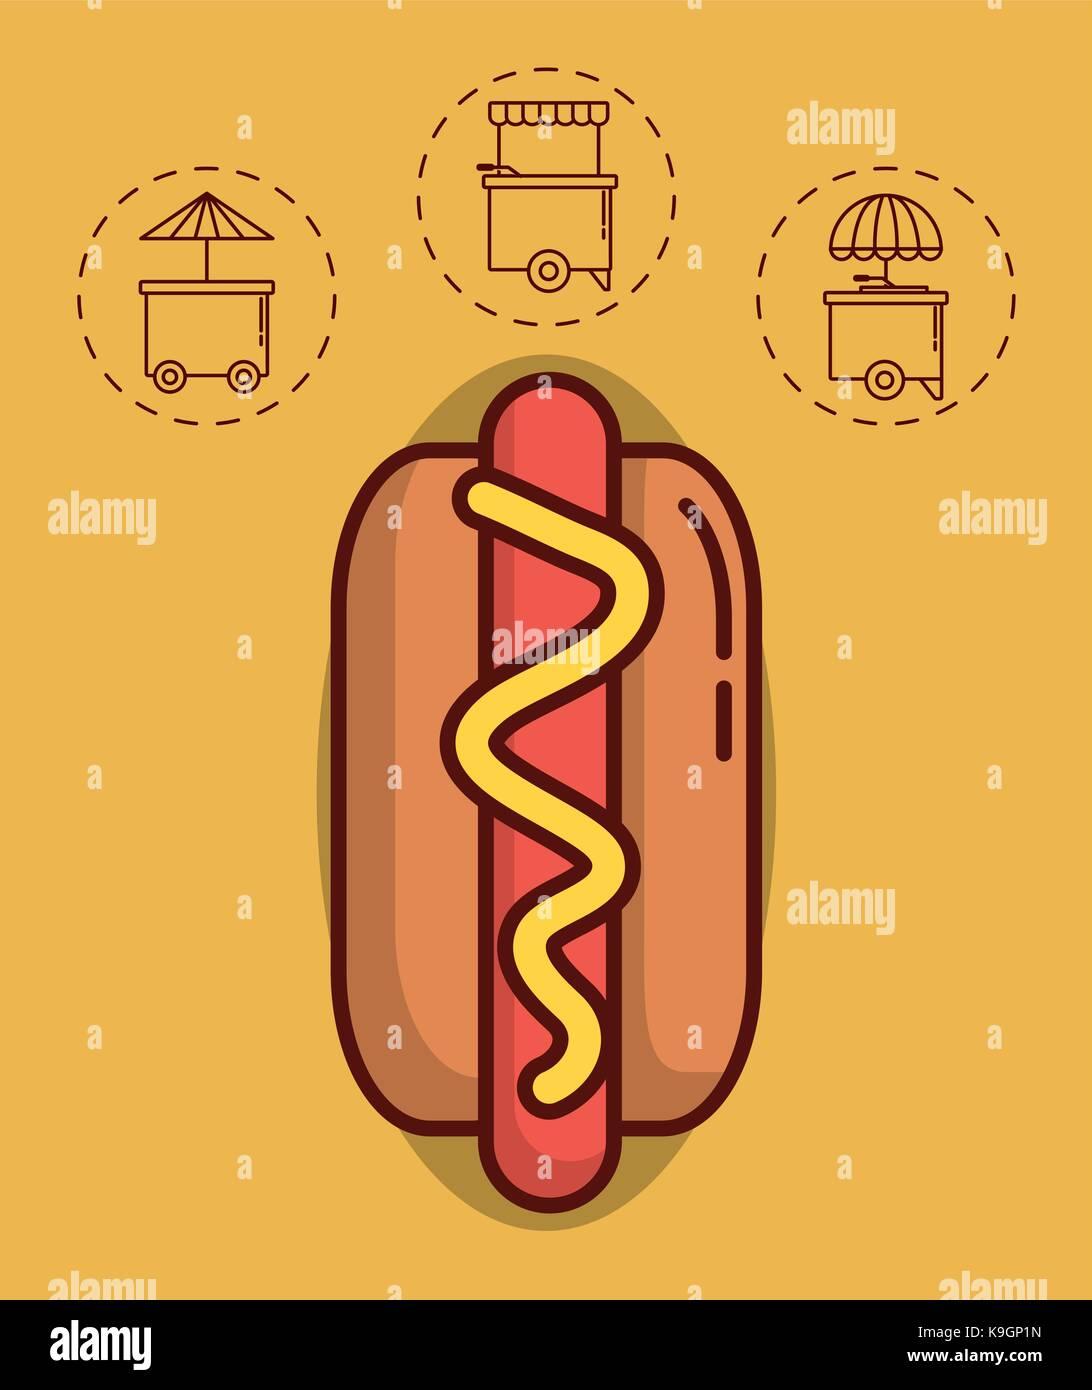 Hot Dog Van Stock Photos Amp Hot Dog Van Stock Images Alamy